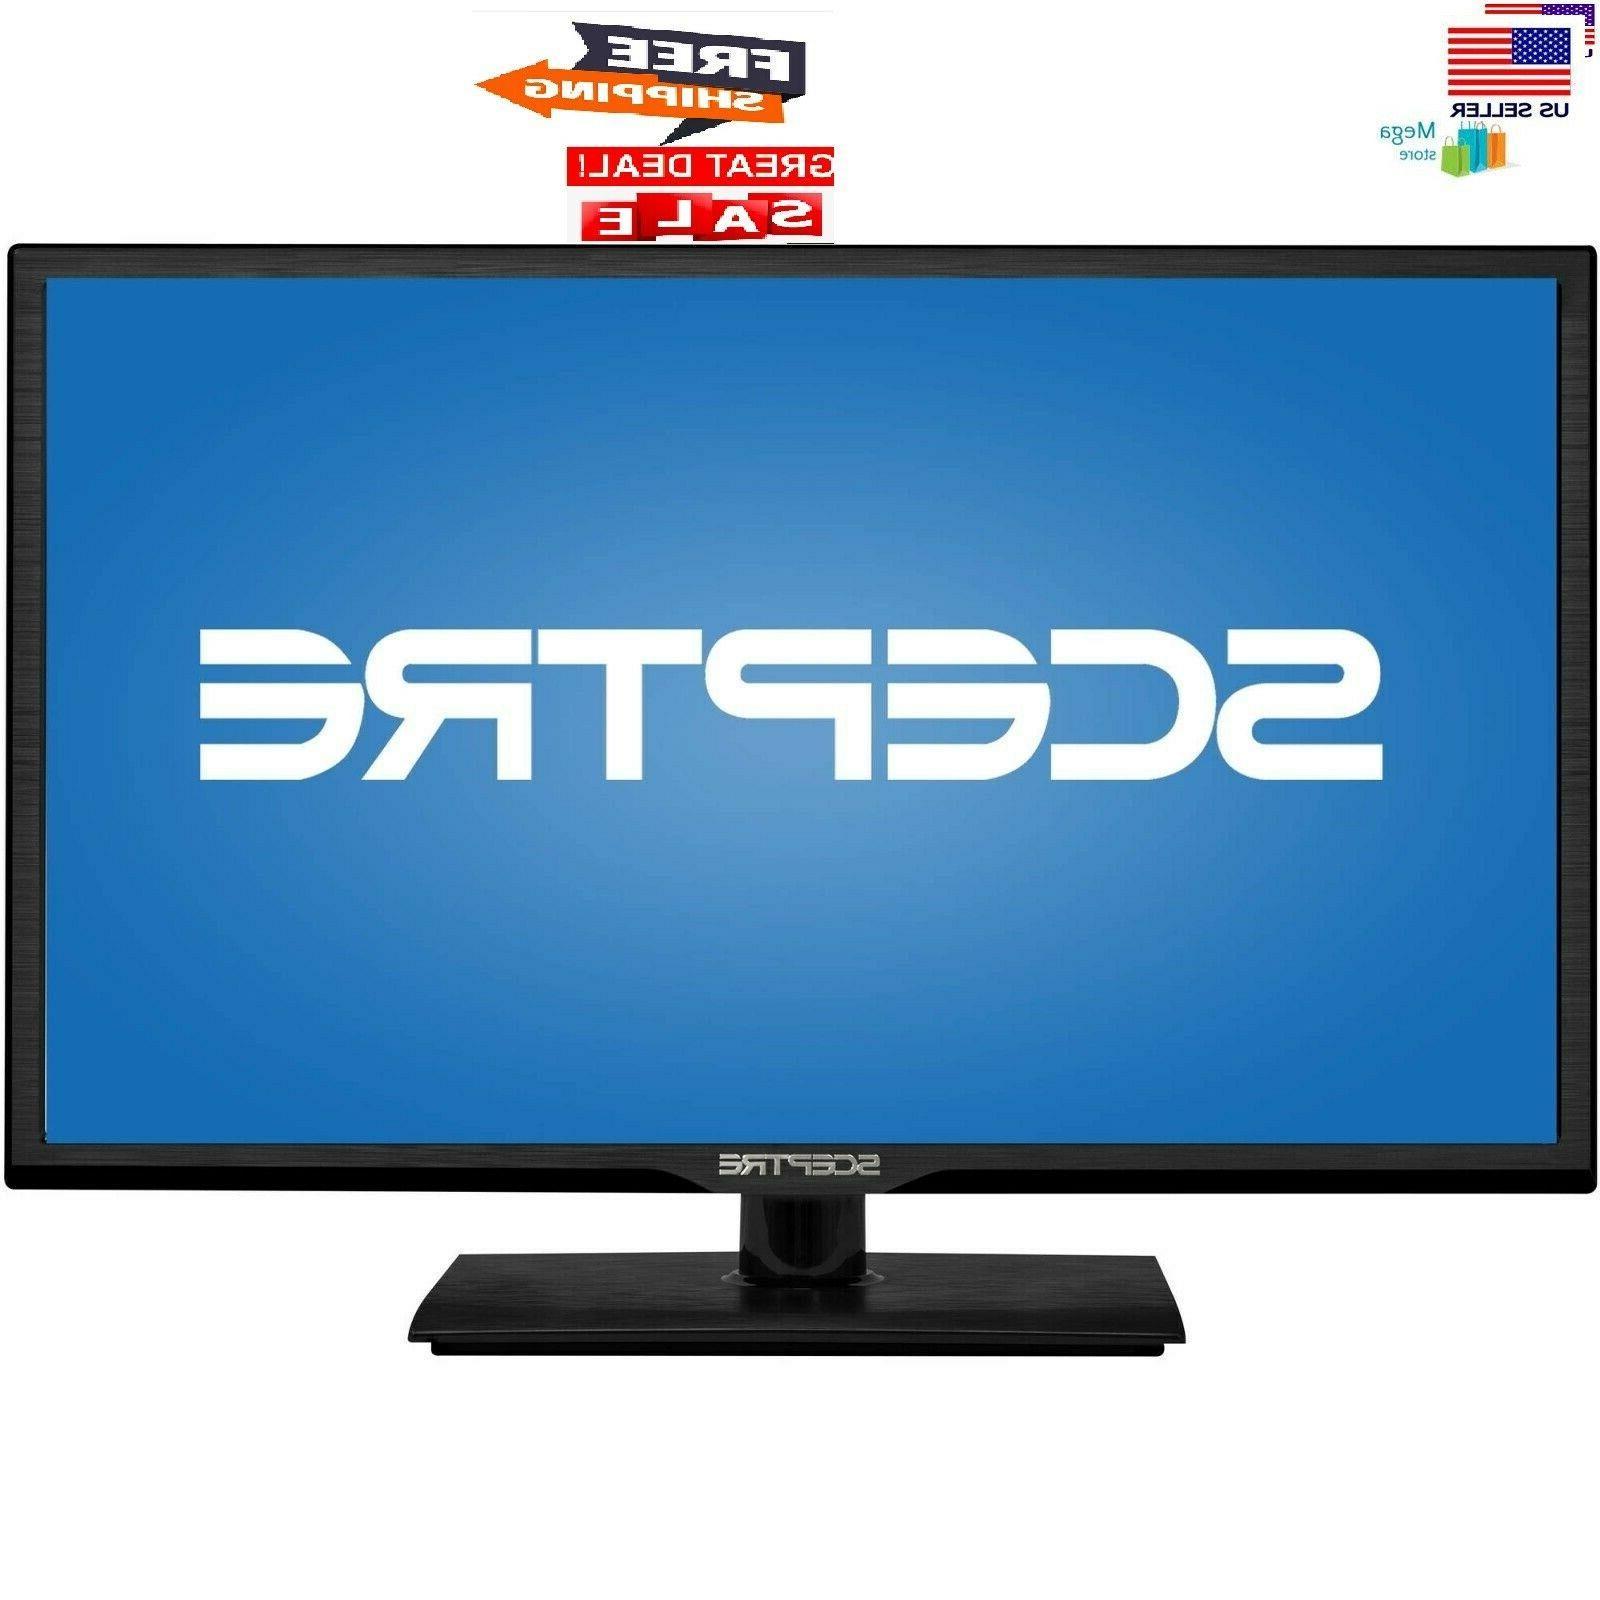 inch class tv w hdmi